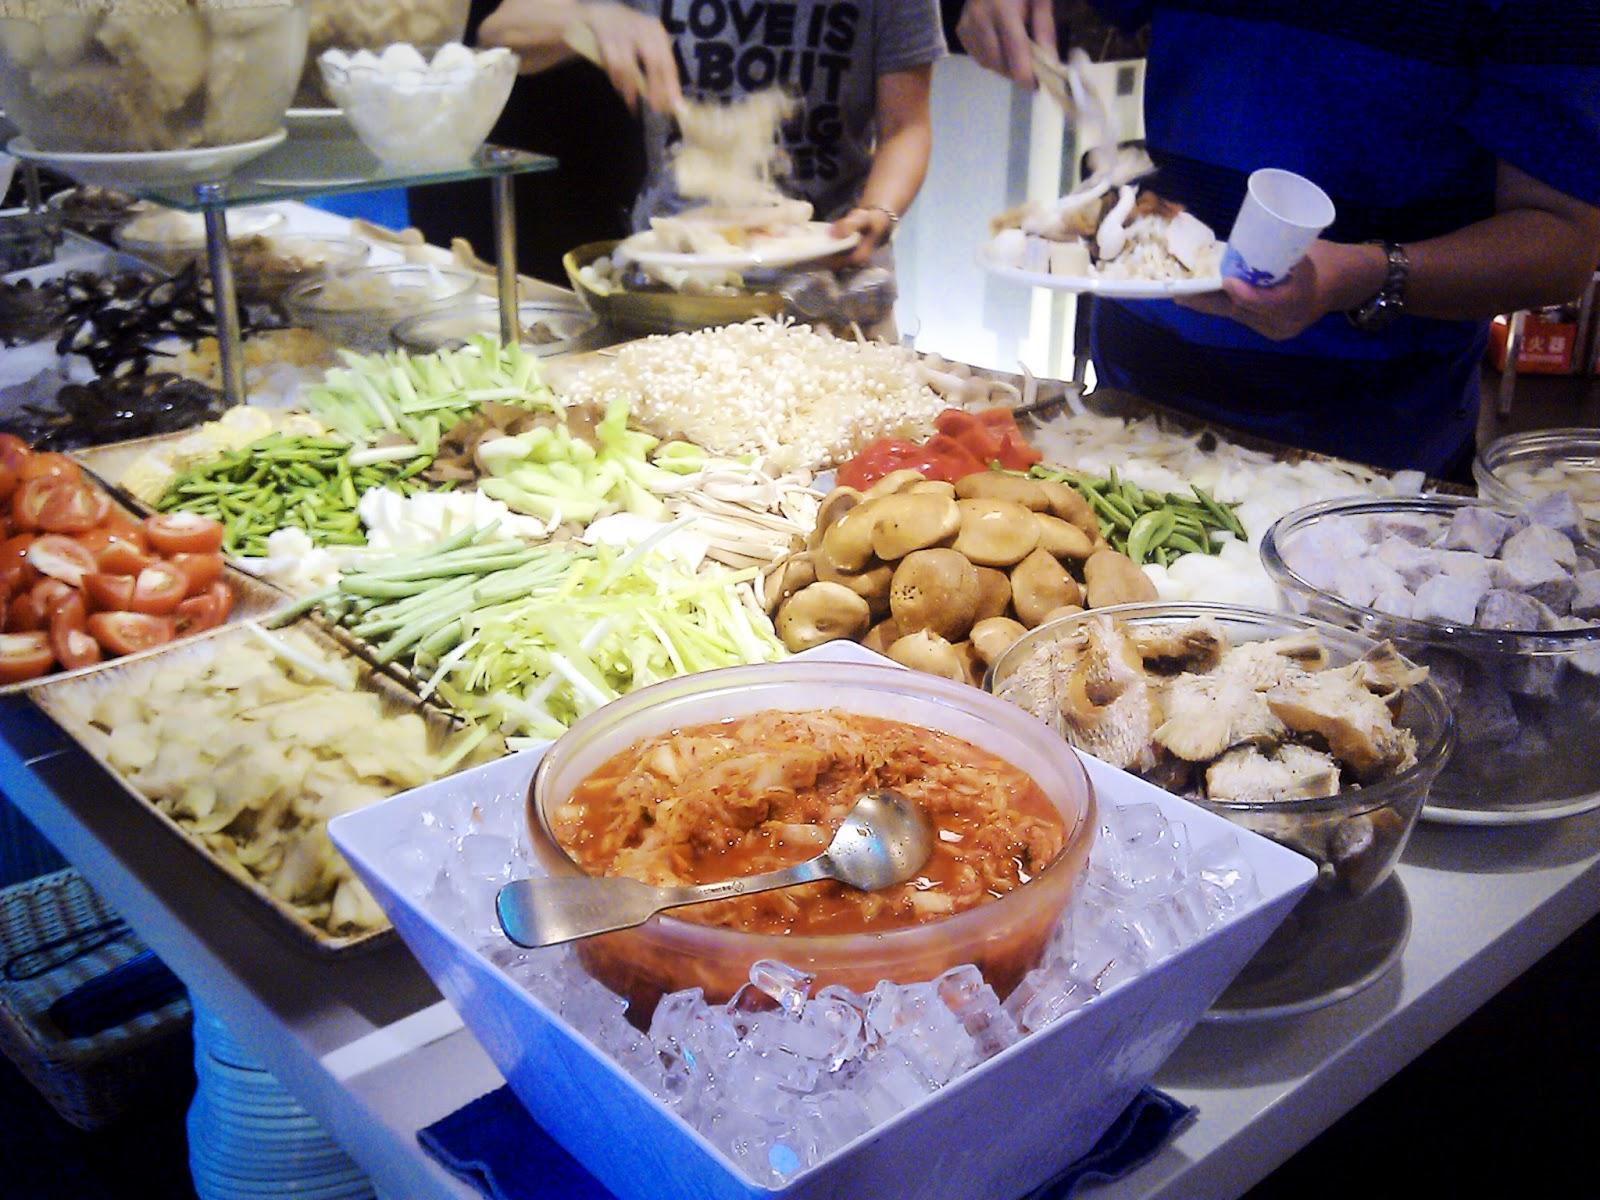 【食記】臺北鍋爸涮涮鍋吃到飽(金山店) - 新鮮海鮮隨意吃 - 咖尼馬管家的筆記